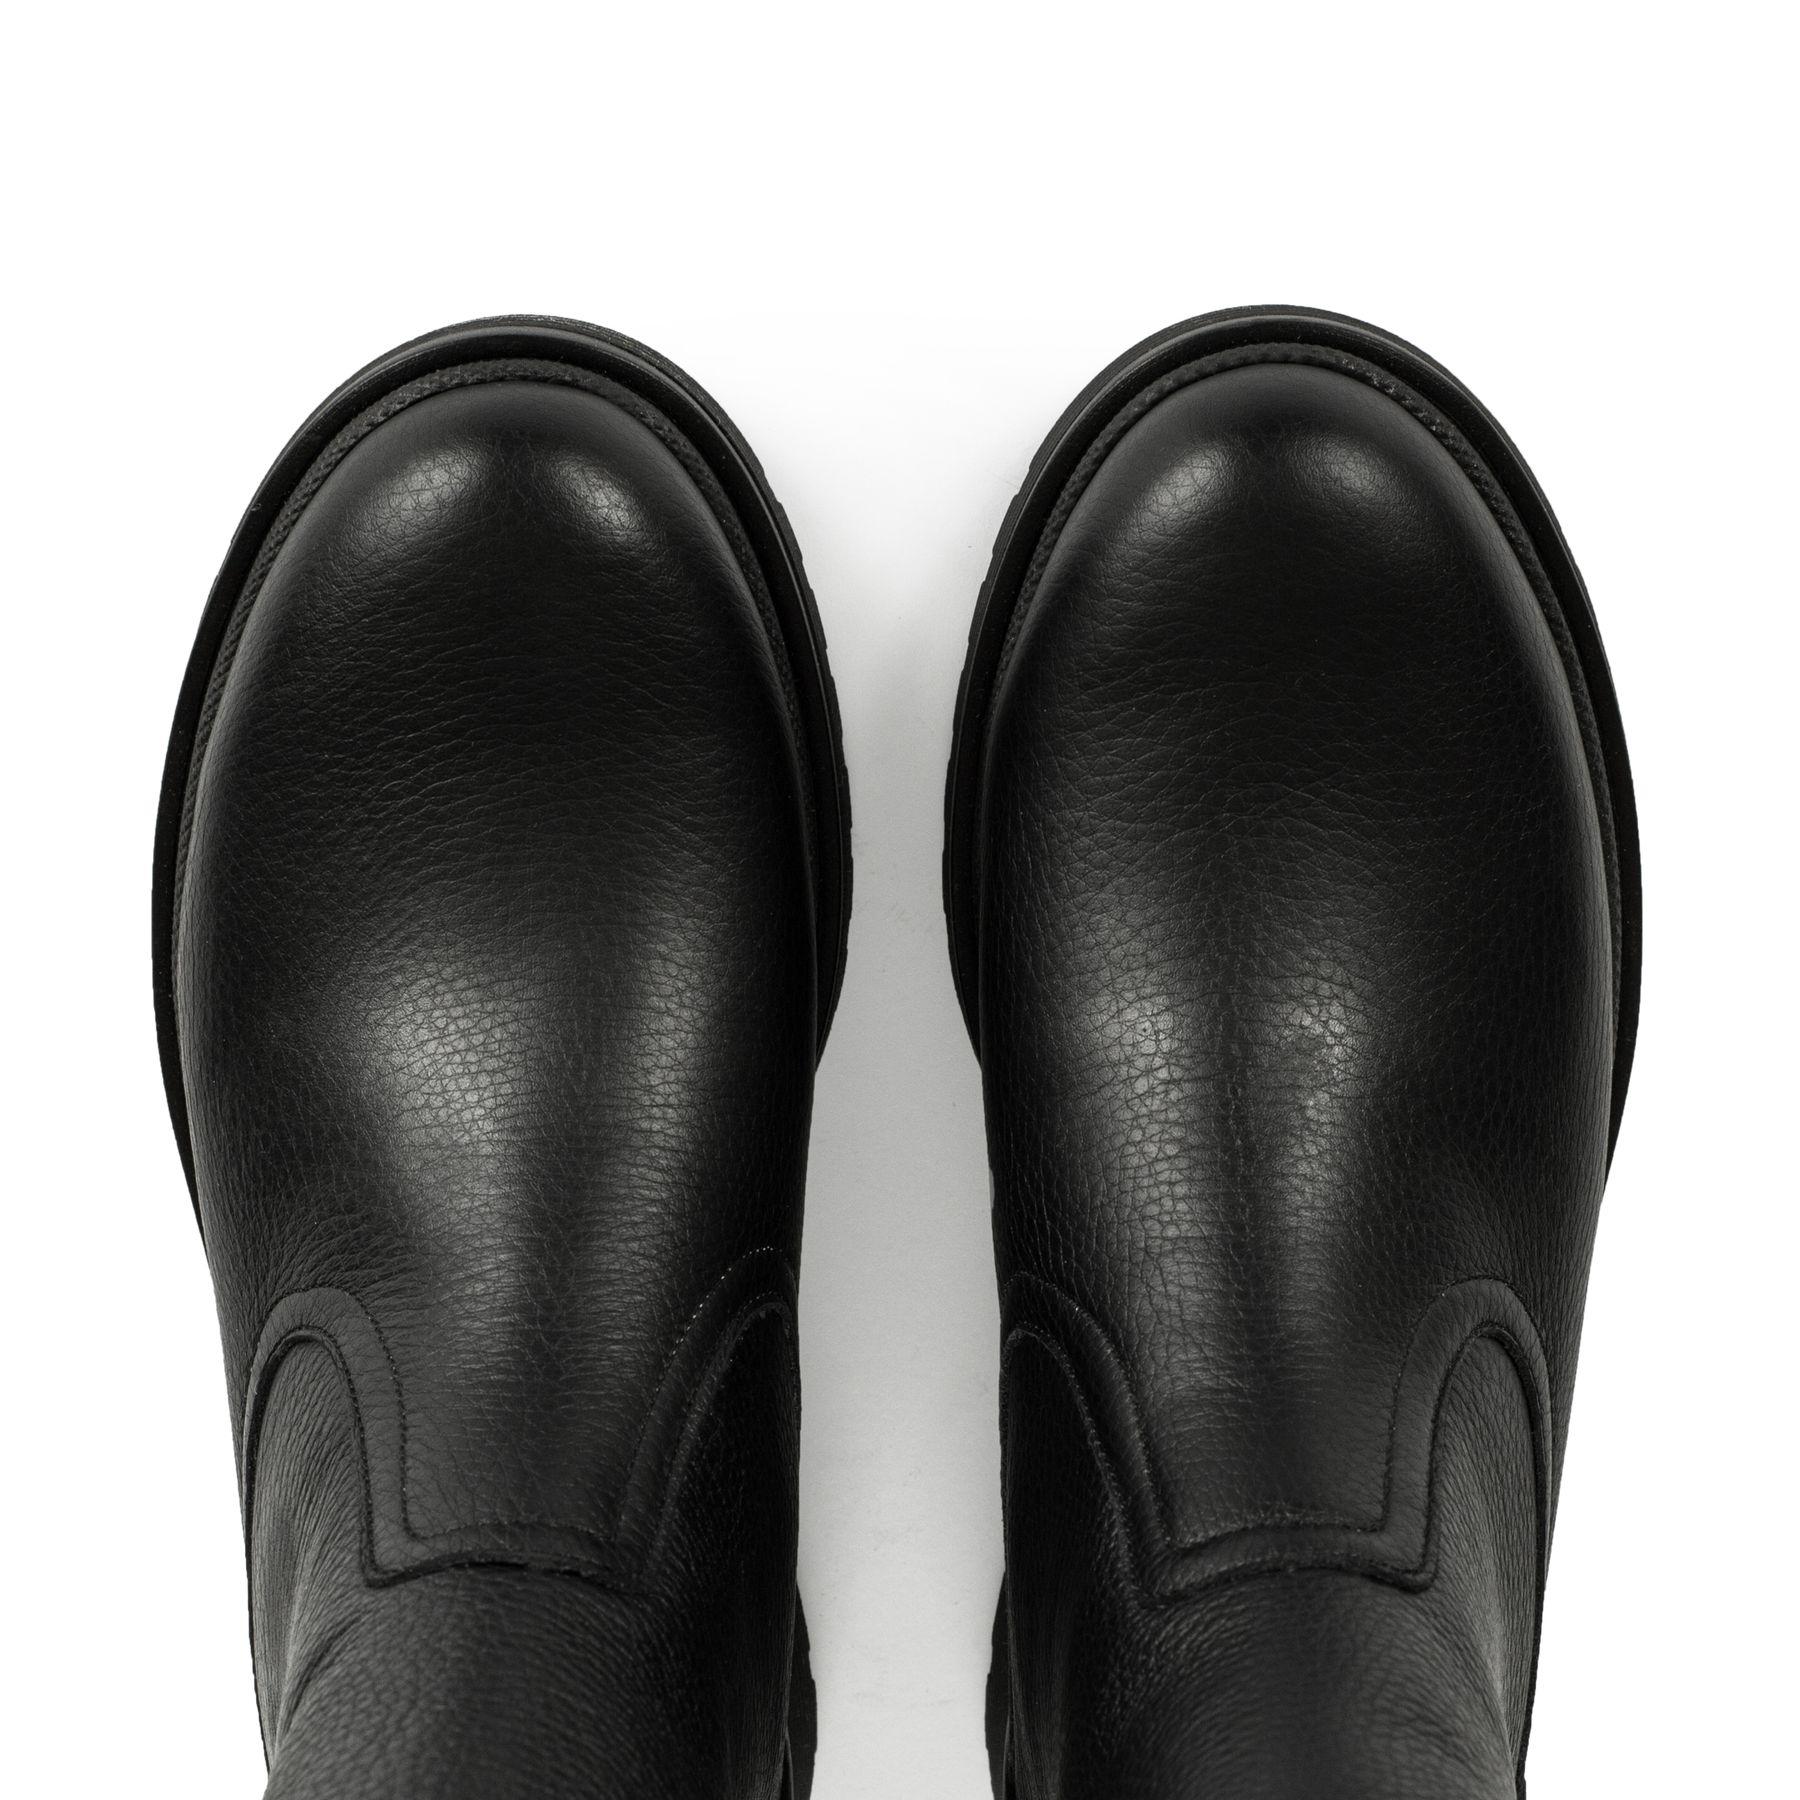 Черевики чорні на цигейці купити в інтернет-магазині Wladna ... 80eced7de44b9